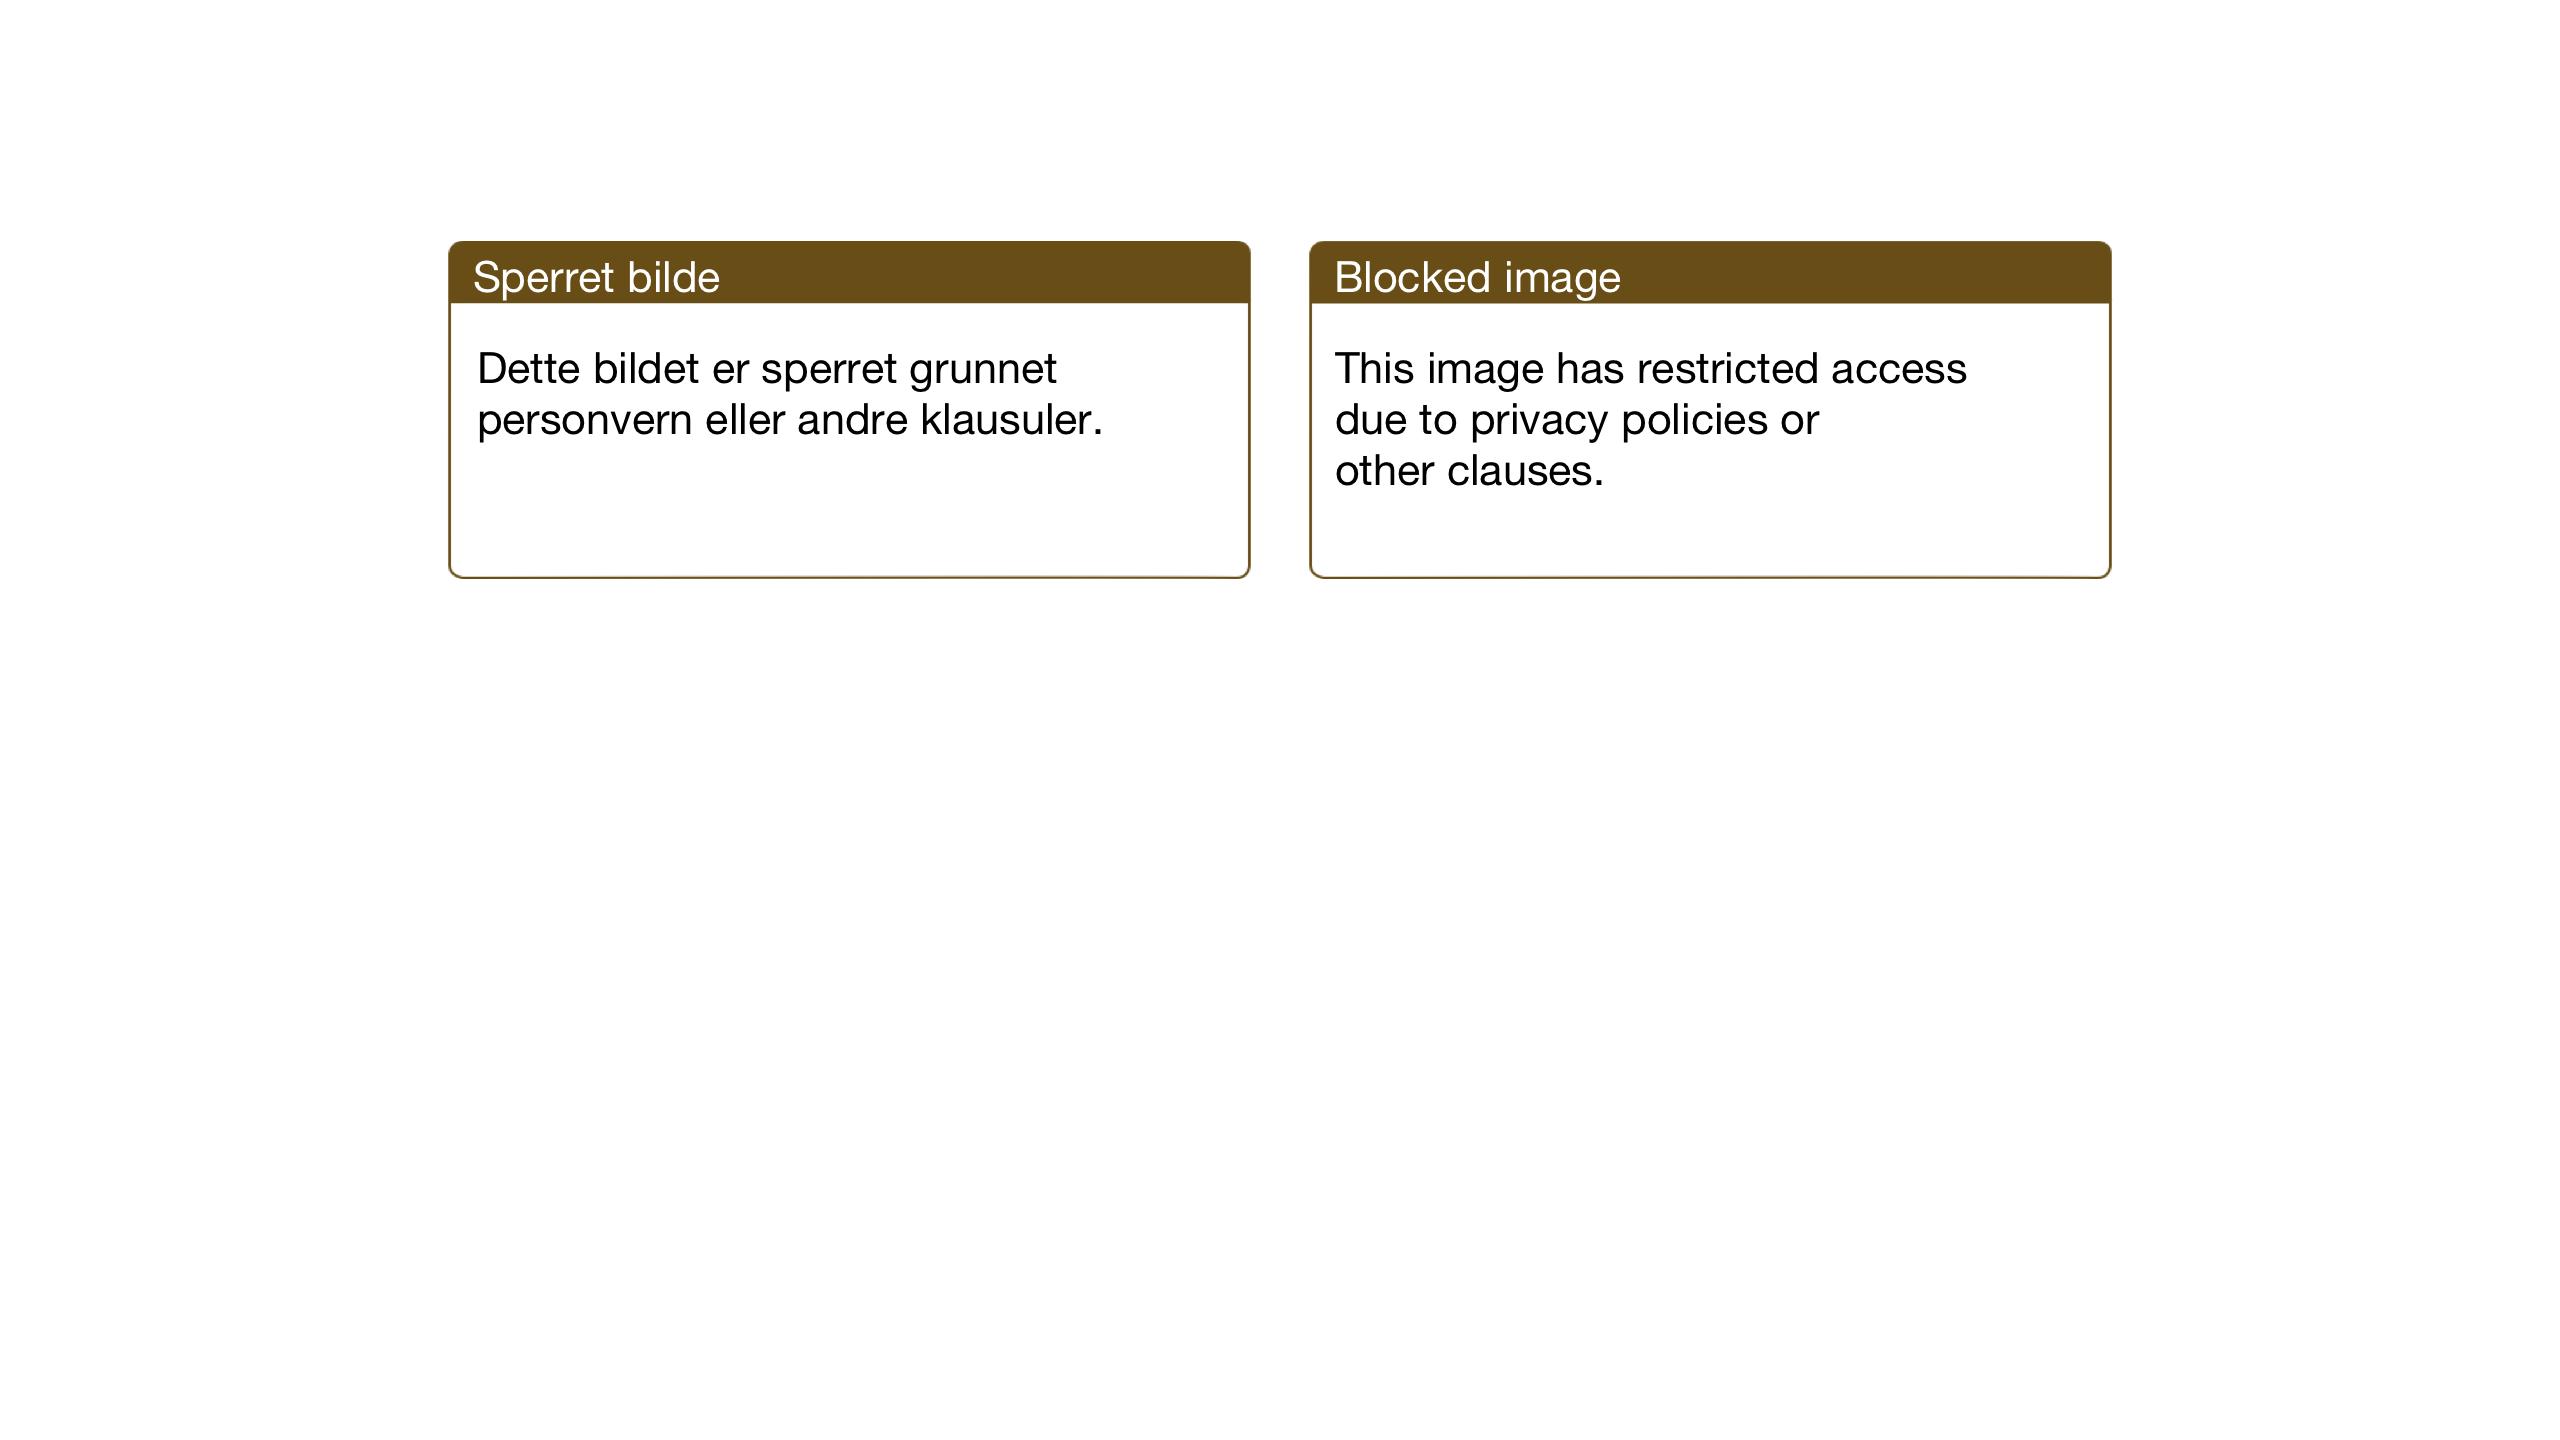 SAT, Ministerialprotokoller, klokkerbøker og fødselsregistre - Sør-Trøndelag, 694/L1128: Ministerialbok nr. 694A02, 1906-1931, s. 79